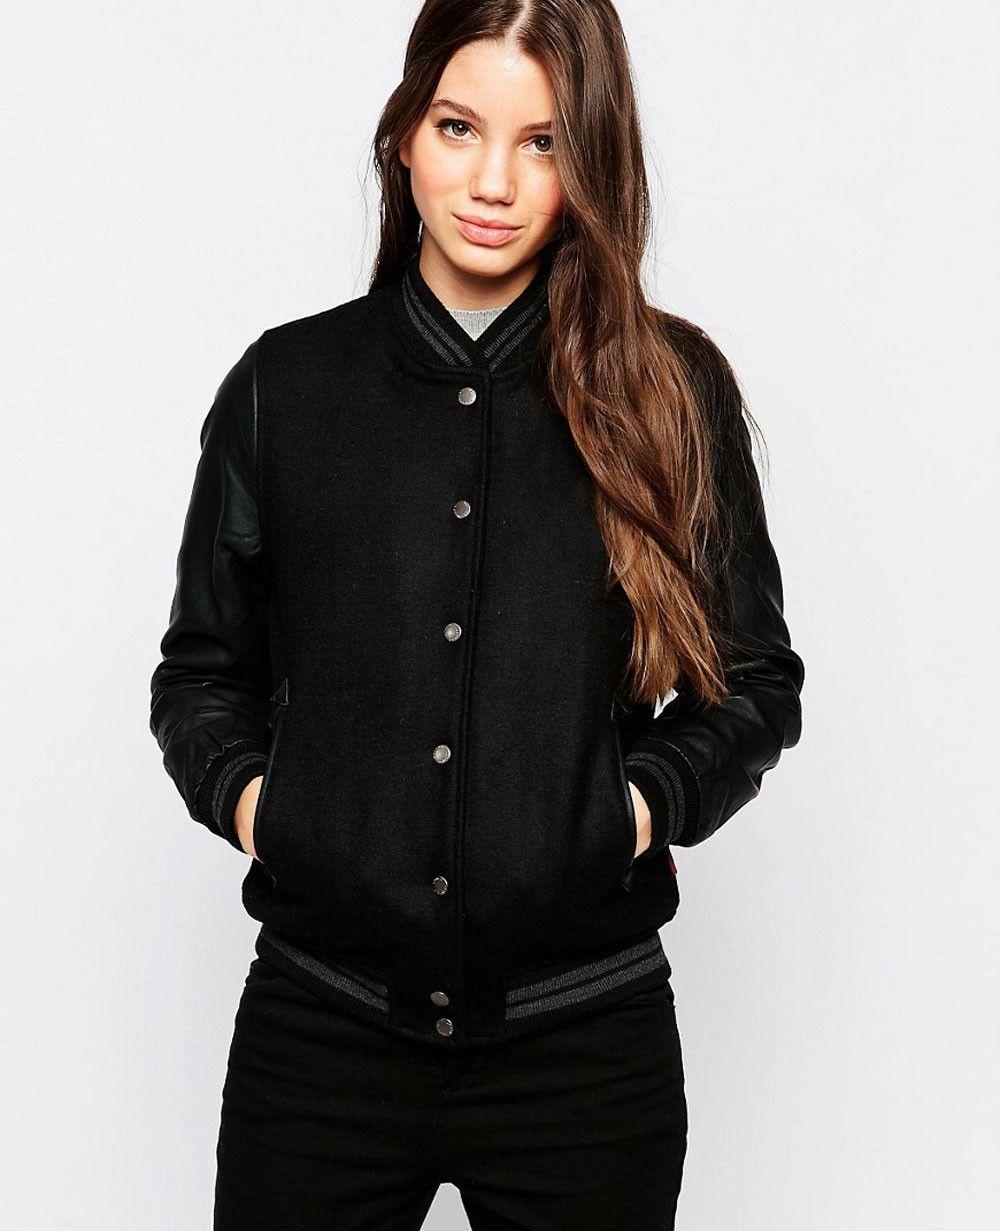 Http Www Quickapparels Com Bellfield Women Varsity Jacket Html Varsity Jacket Jackets Varsity Bomber Jacket